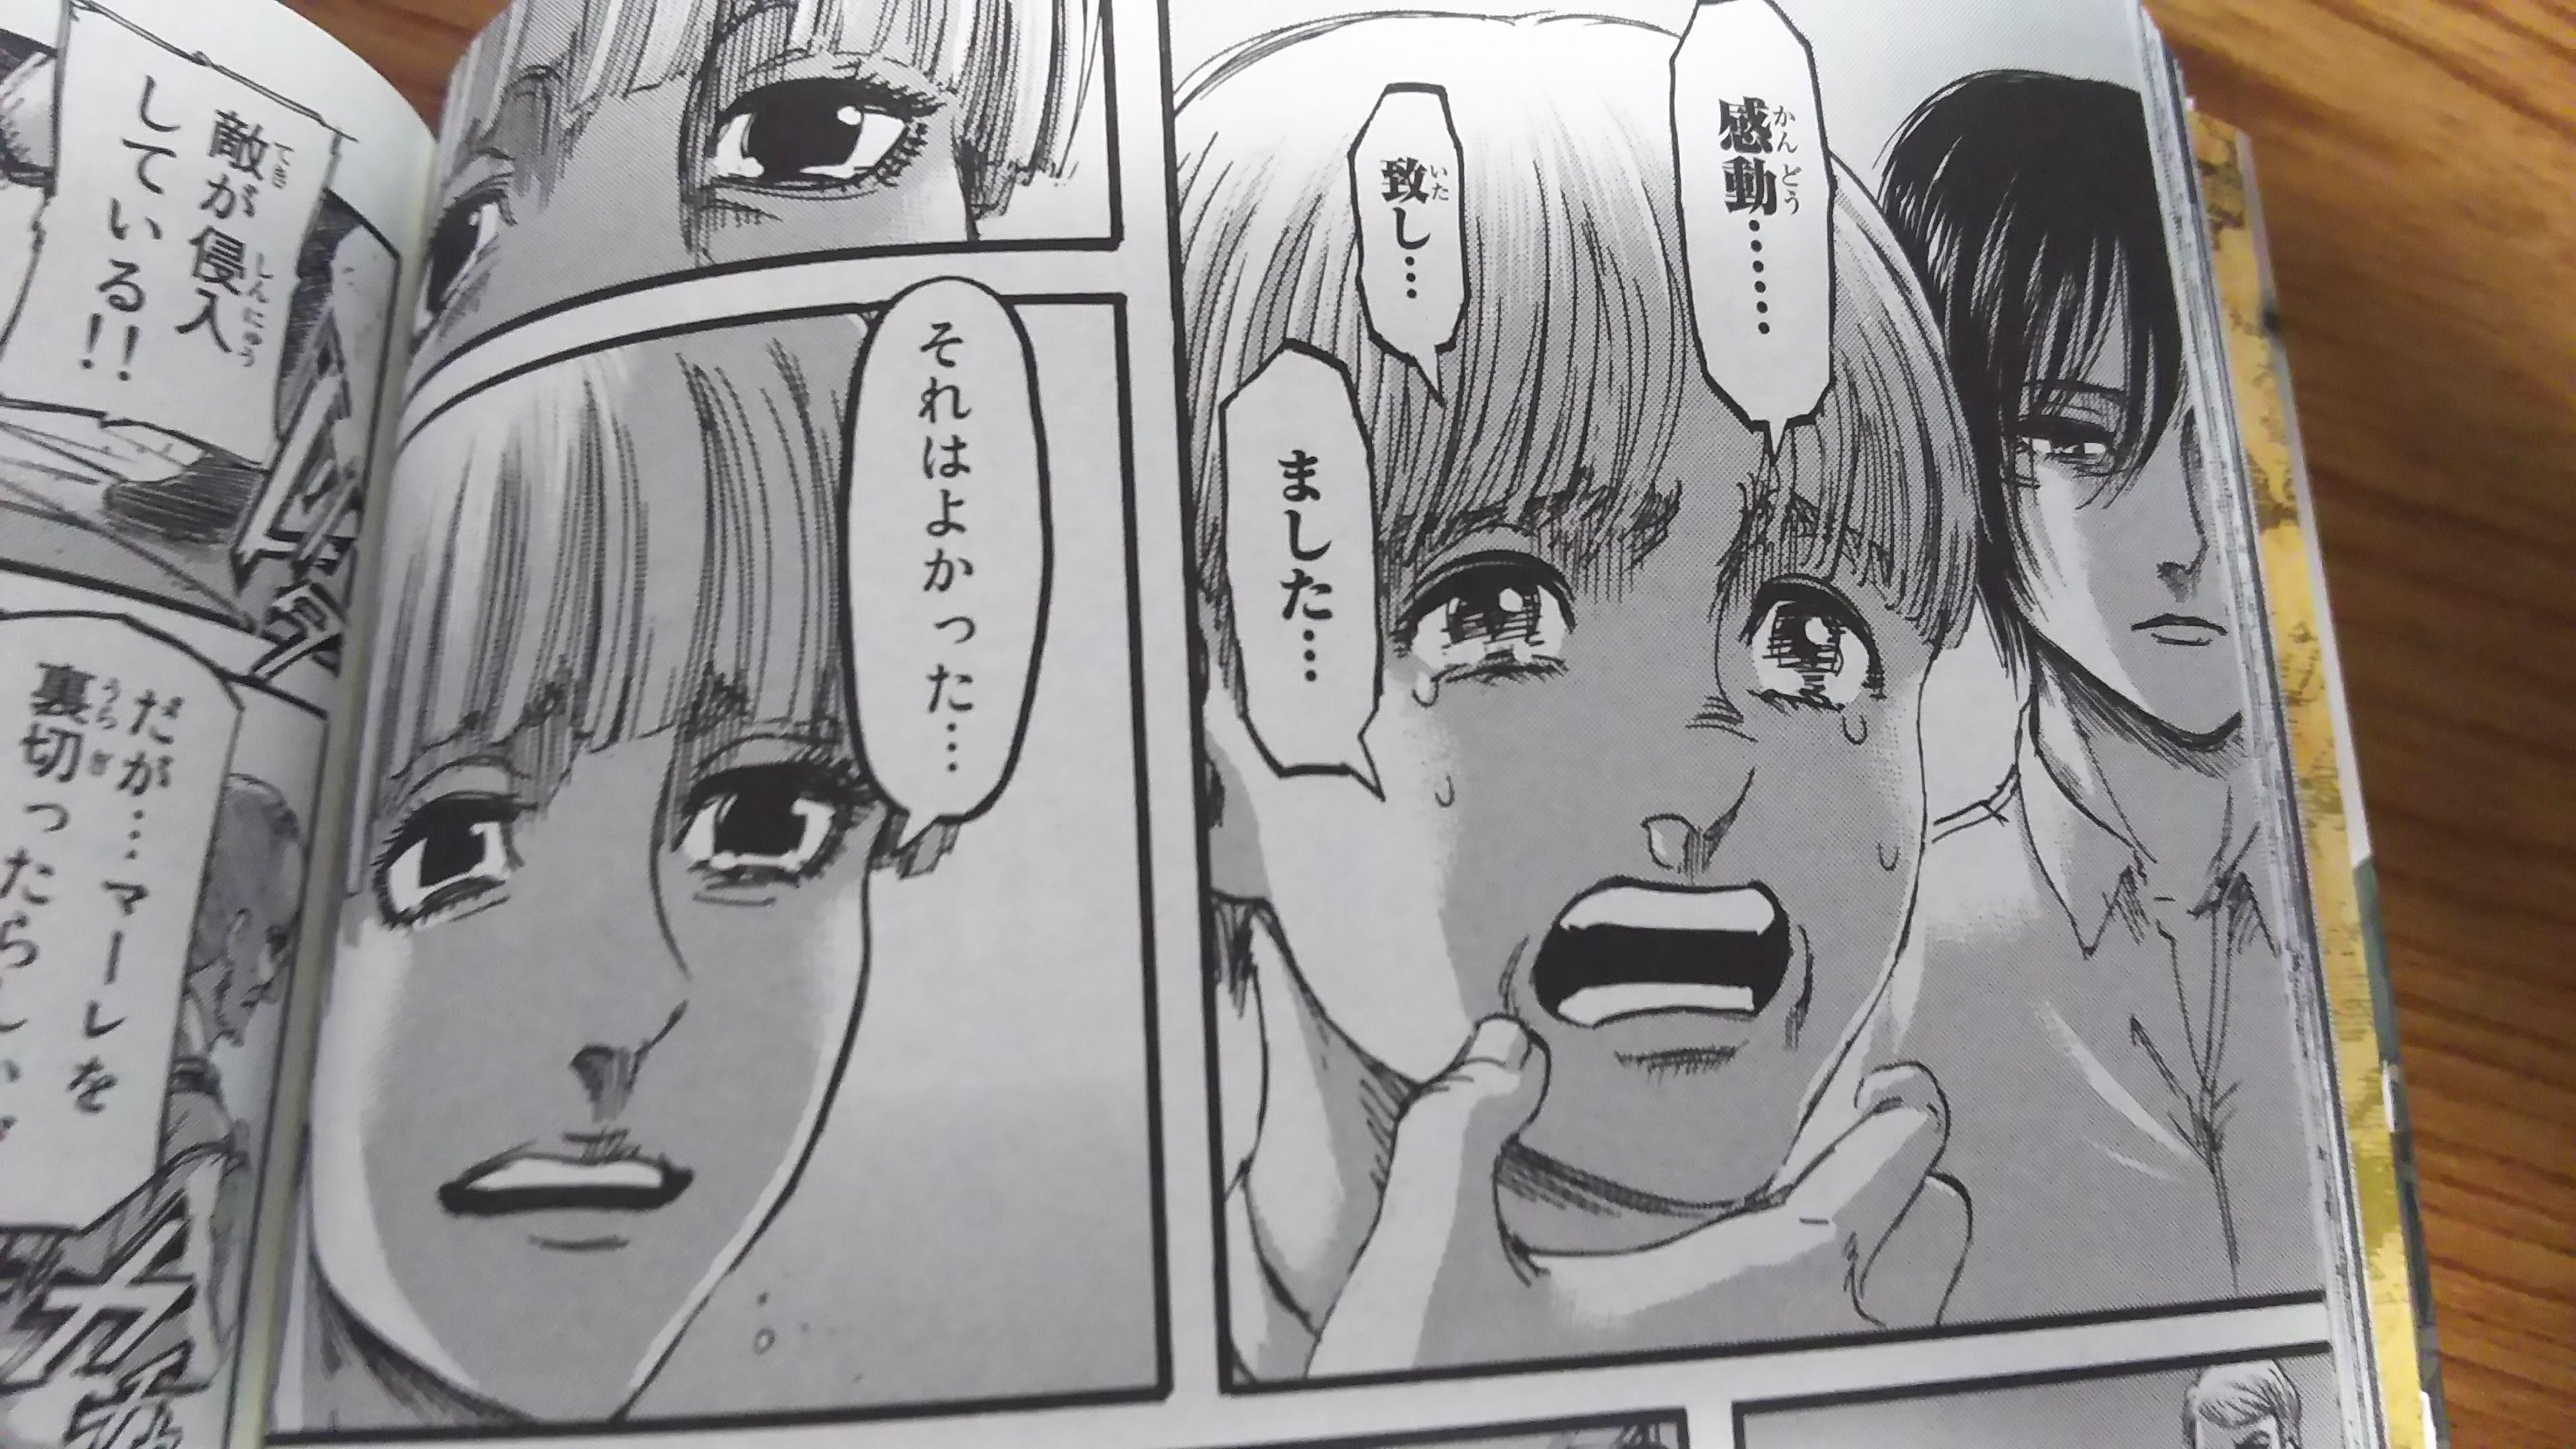 """マンガ読了あれこれ 進撃の巨人29 / About reading manga """"attack on titan"""" Vol. 29"""